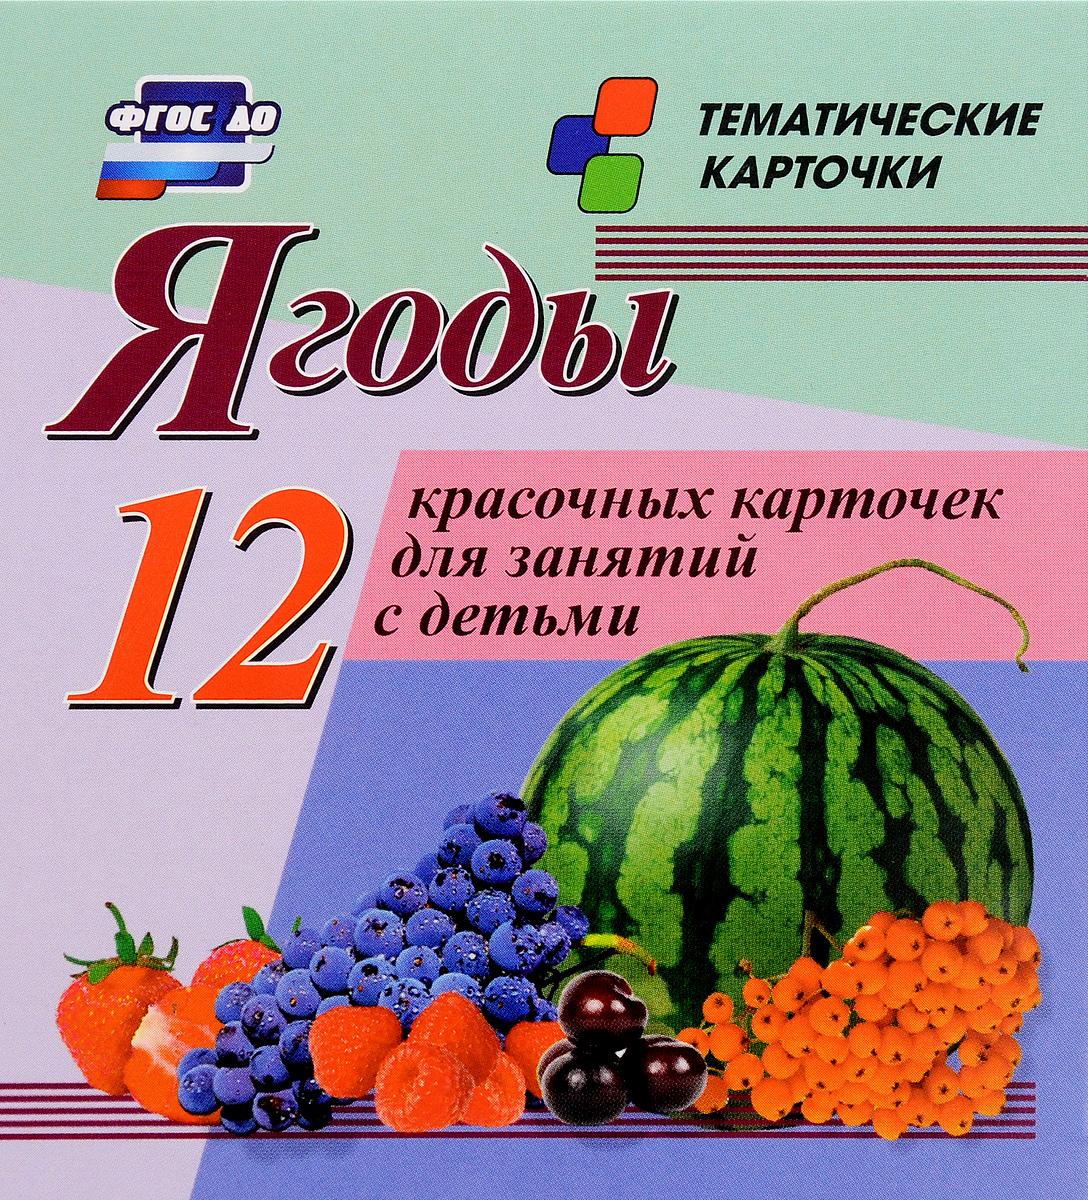 Ягоды (12 красочных карточек)